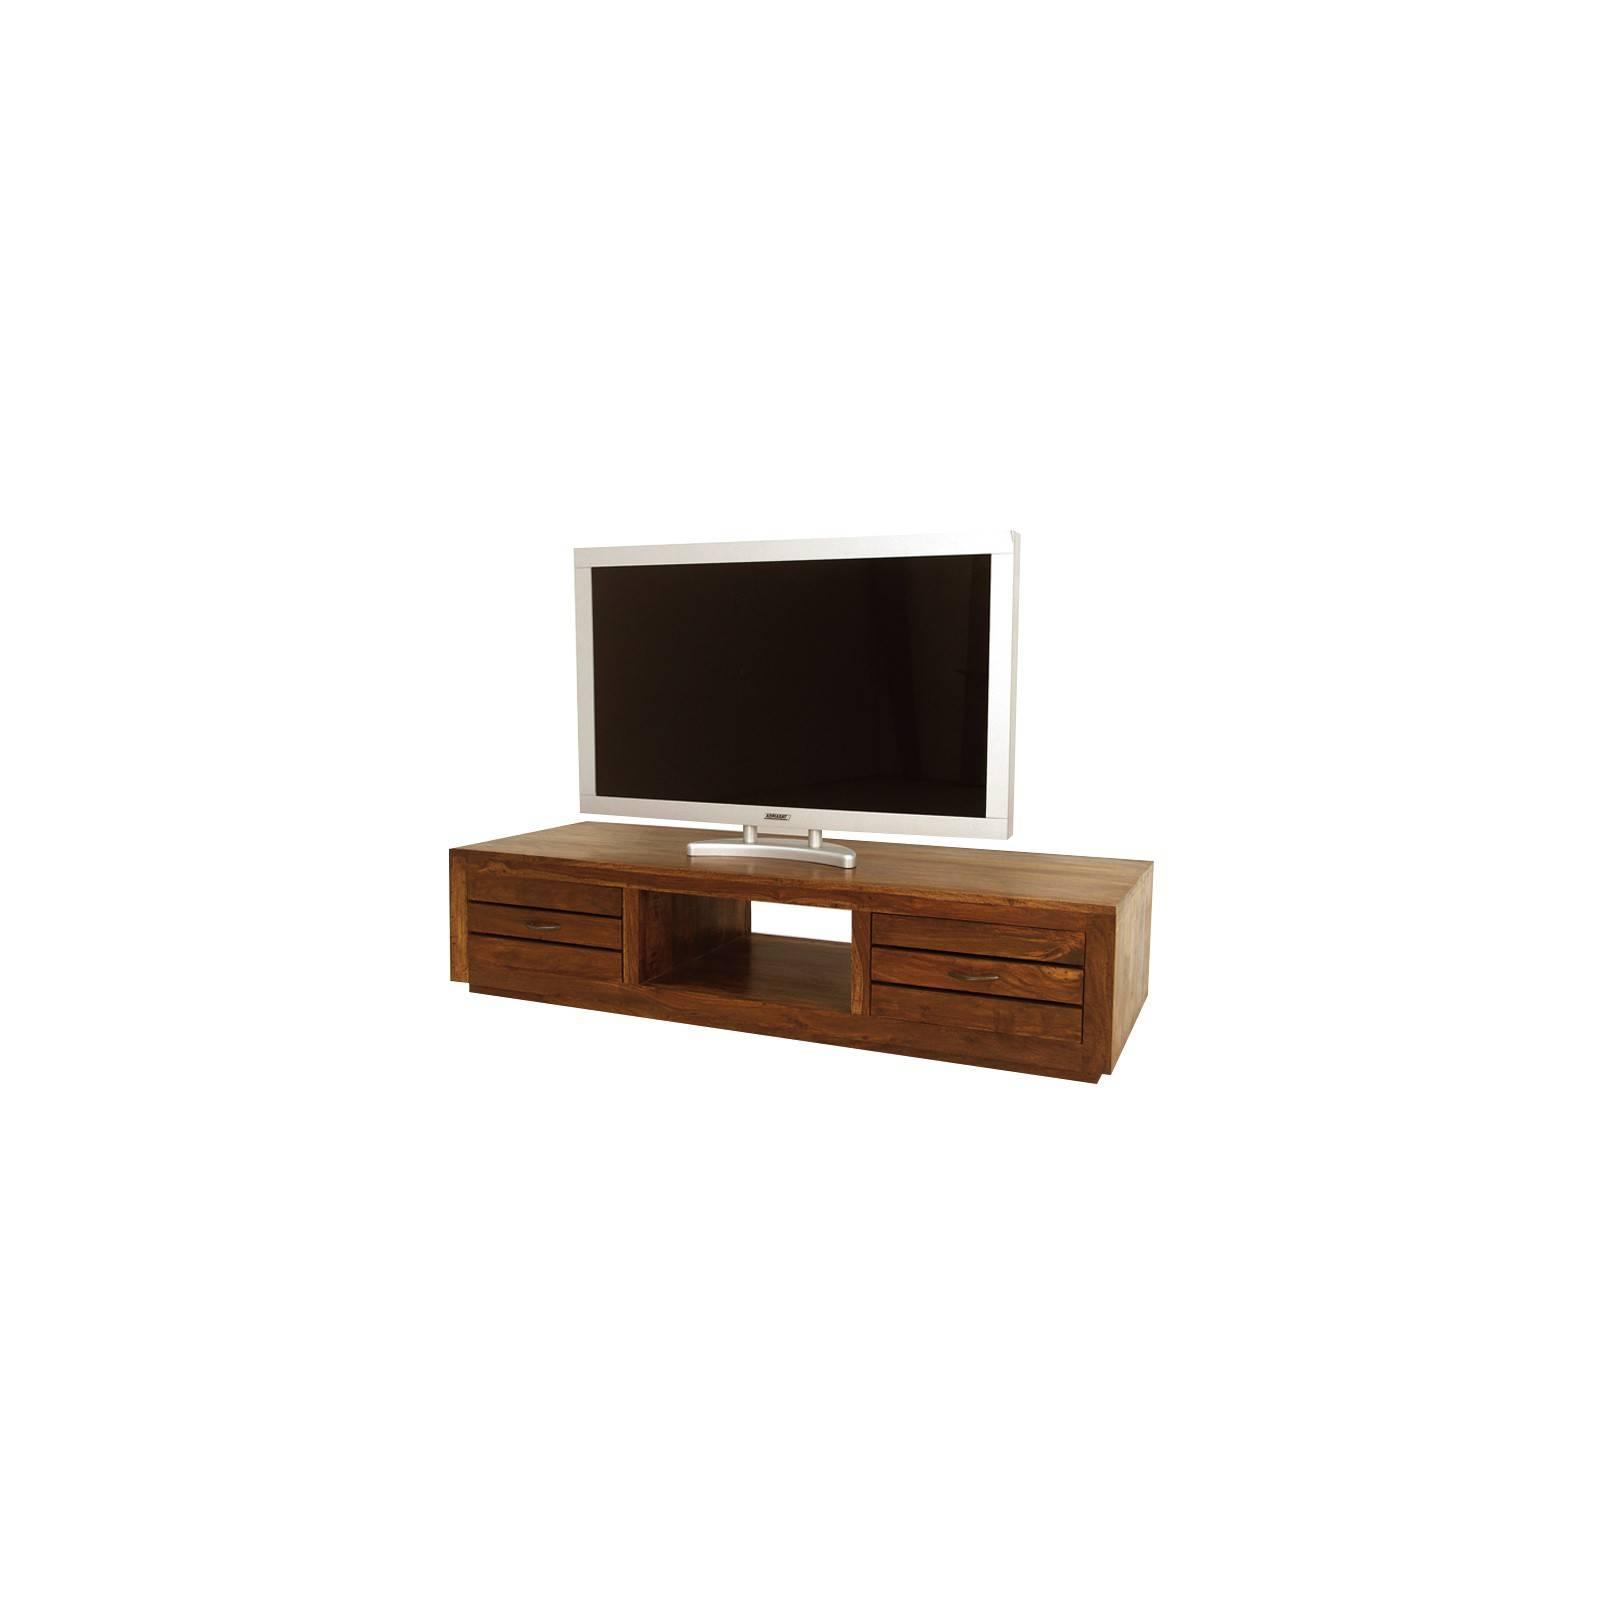 Meuble Tv à tiroirs. Salon à l'esprit ethnique design Okina